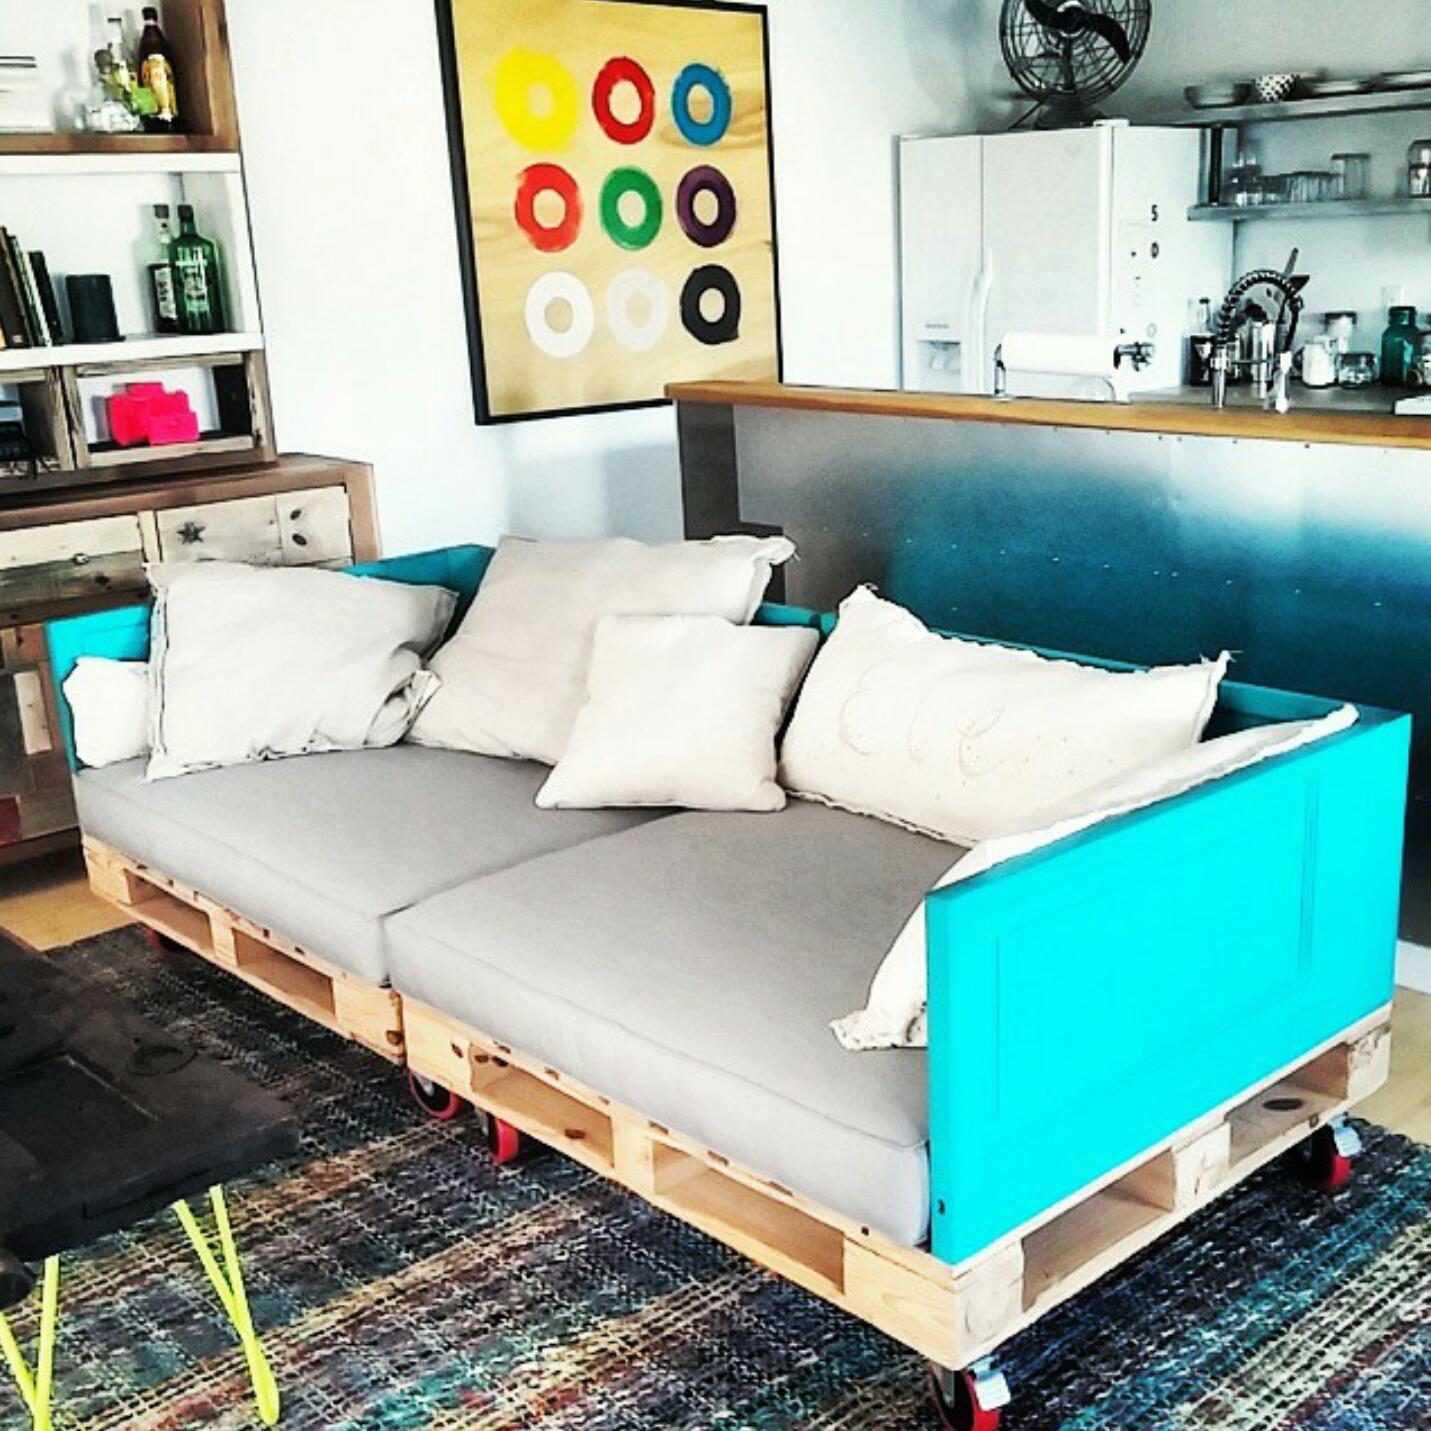 Pallet kitar semula untuk dijadikan diy sofa pallet dengan kusyen